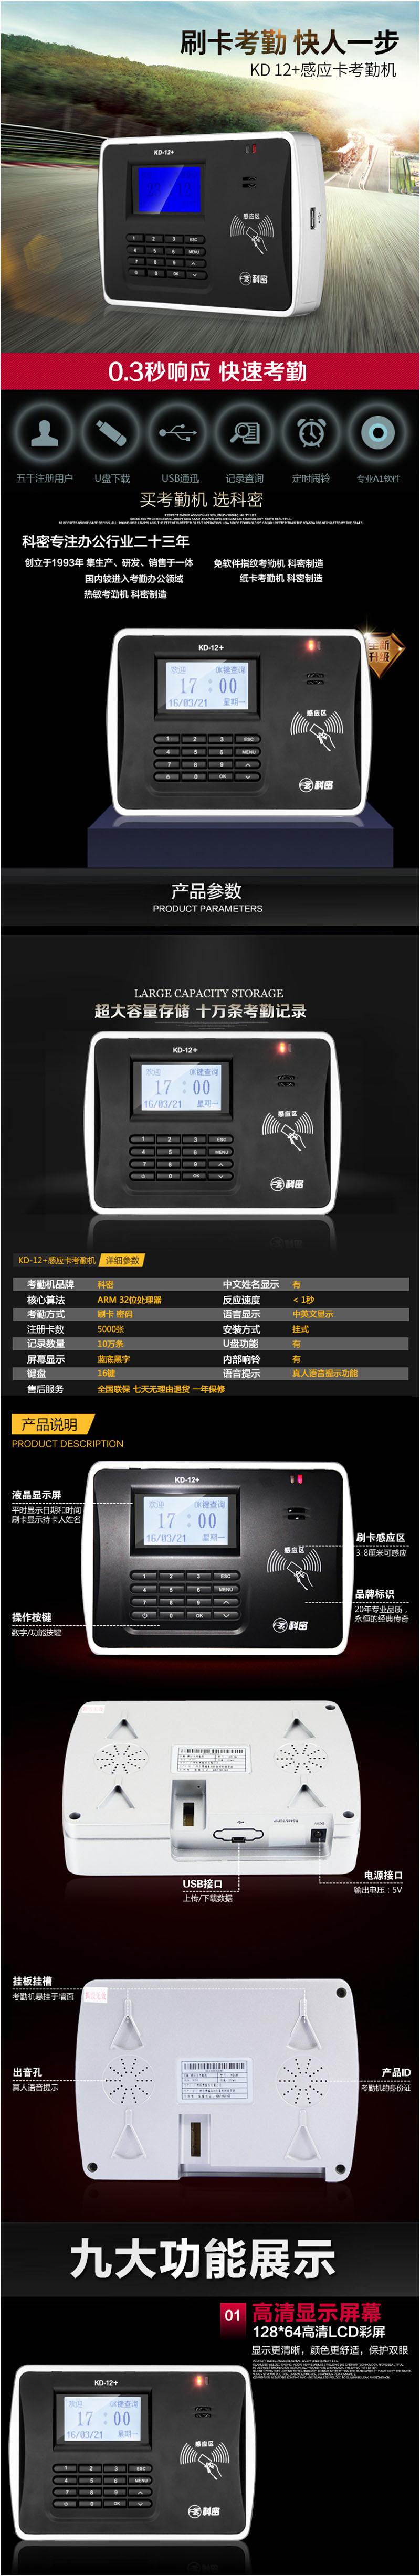 科密 KD-38 考勤机打卡机ID卡刷卡机 此卡感应卡上班签到钟TCP局域网线/USB线连接电脑管理